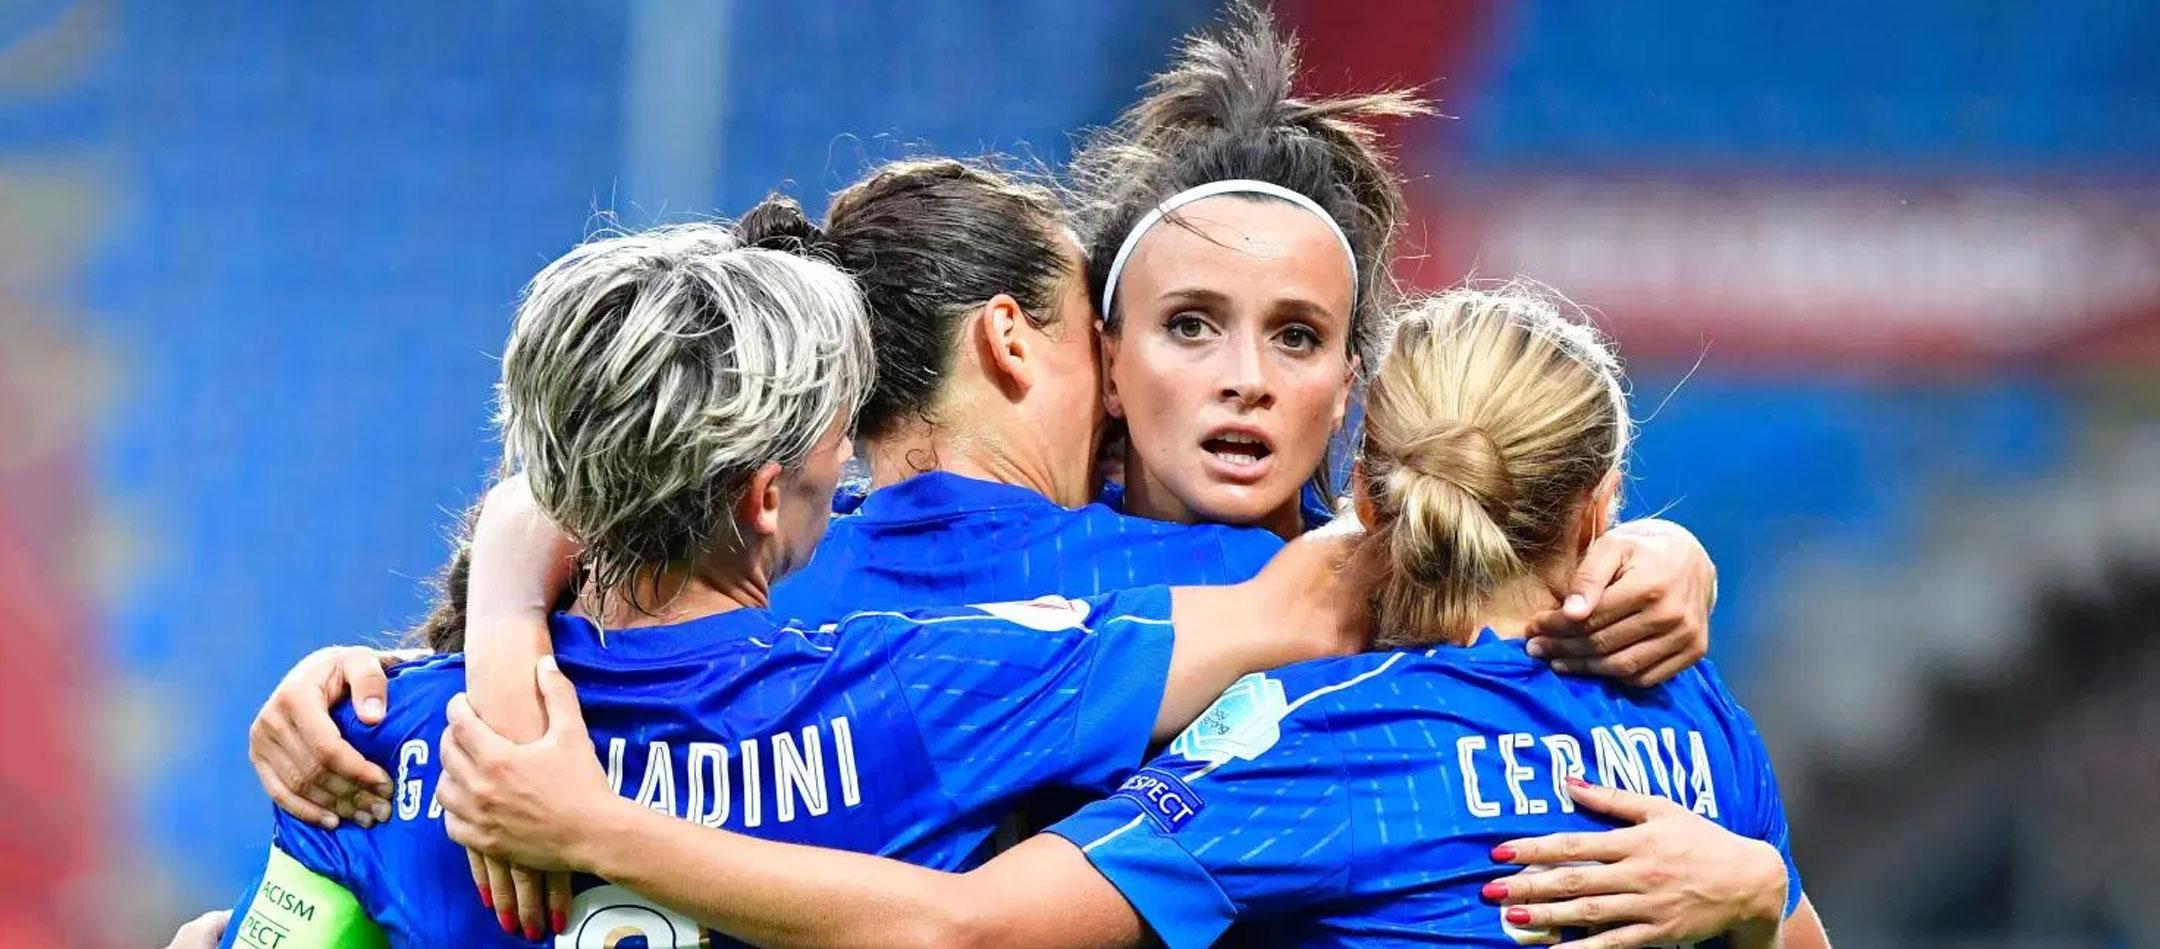 Mondiali di calcio femminile. Ecco la nazionale italiana